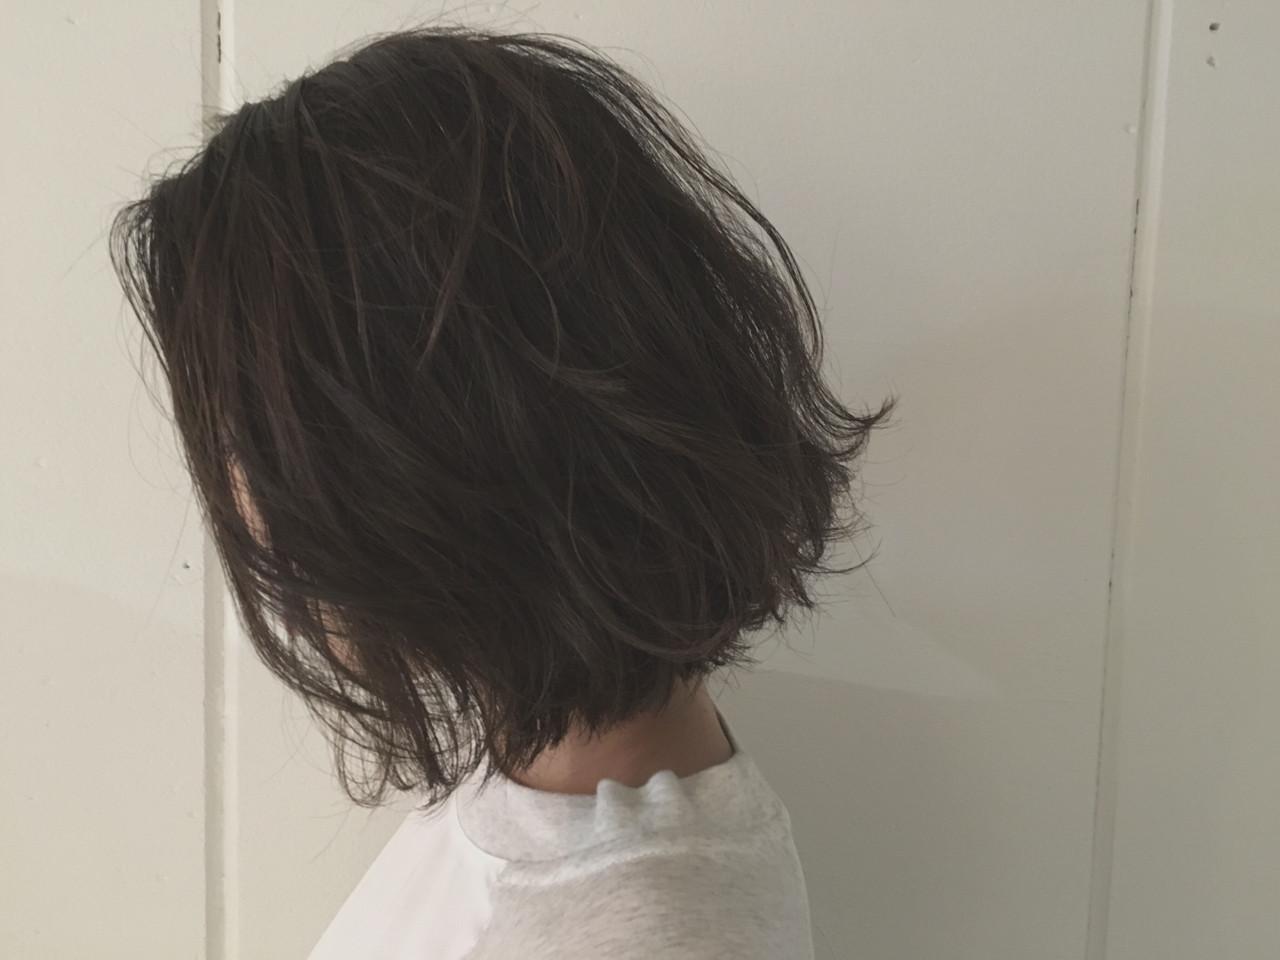 ボブ アッシュ ウェットヘア 前下がり ヘアスタイルや髪型の写真・画像 | 杉谷 将也 / DiLL / DiLL